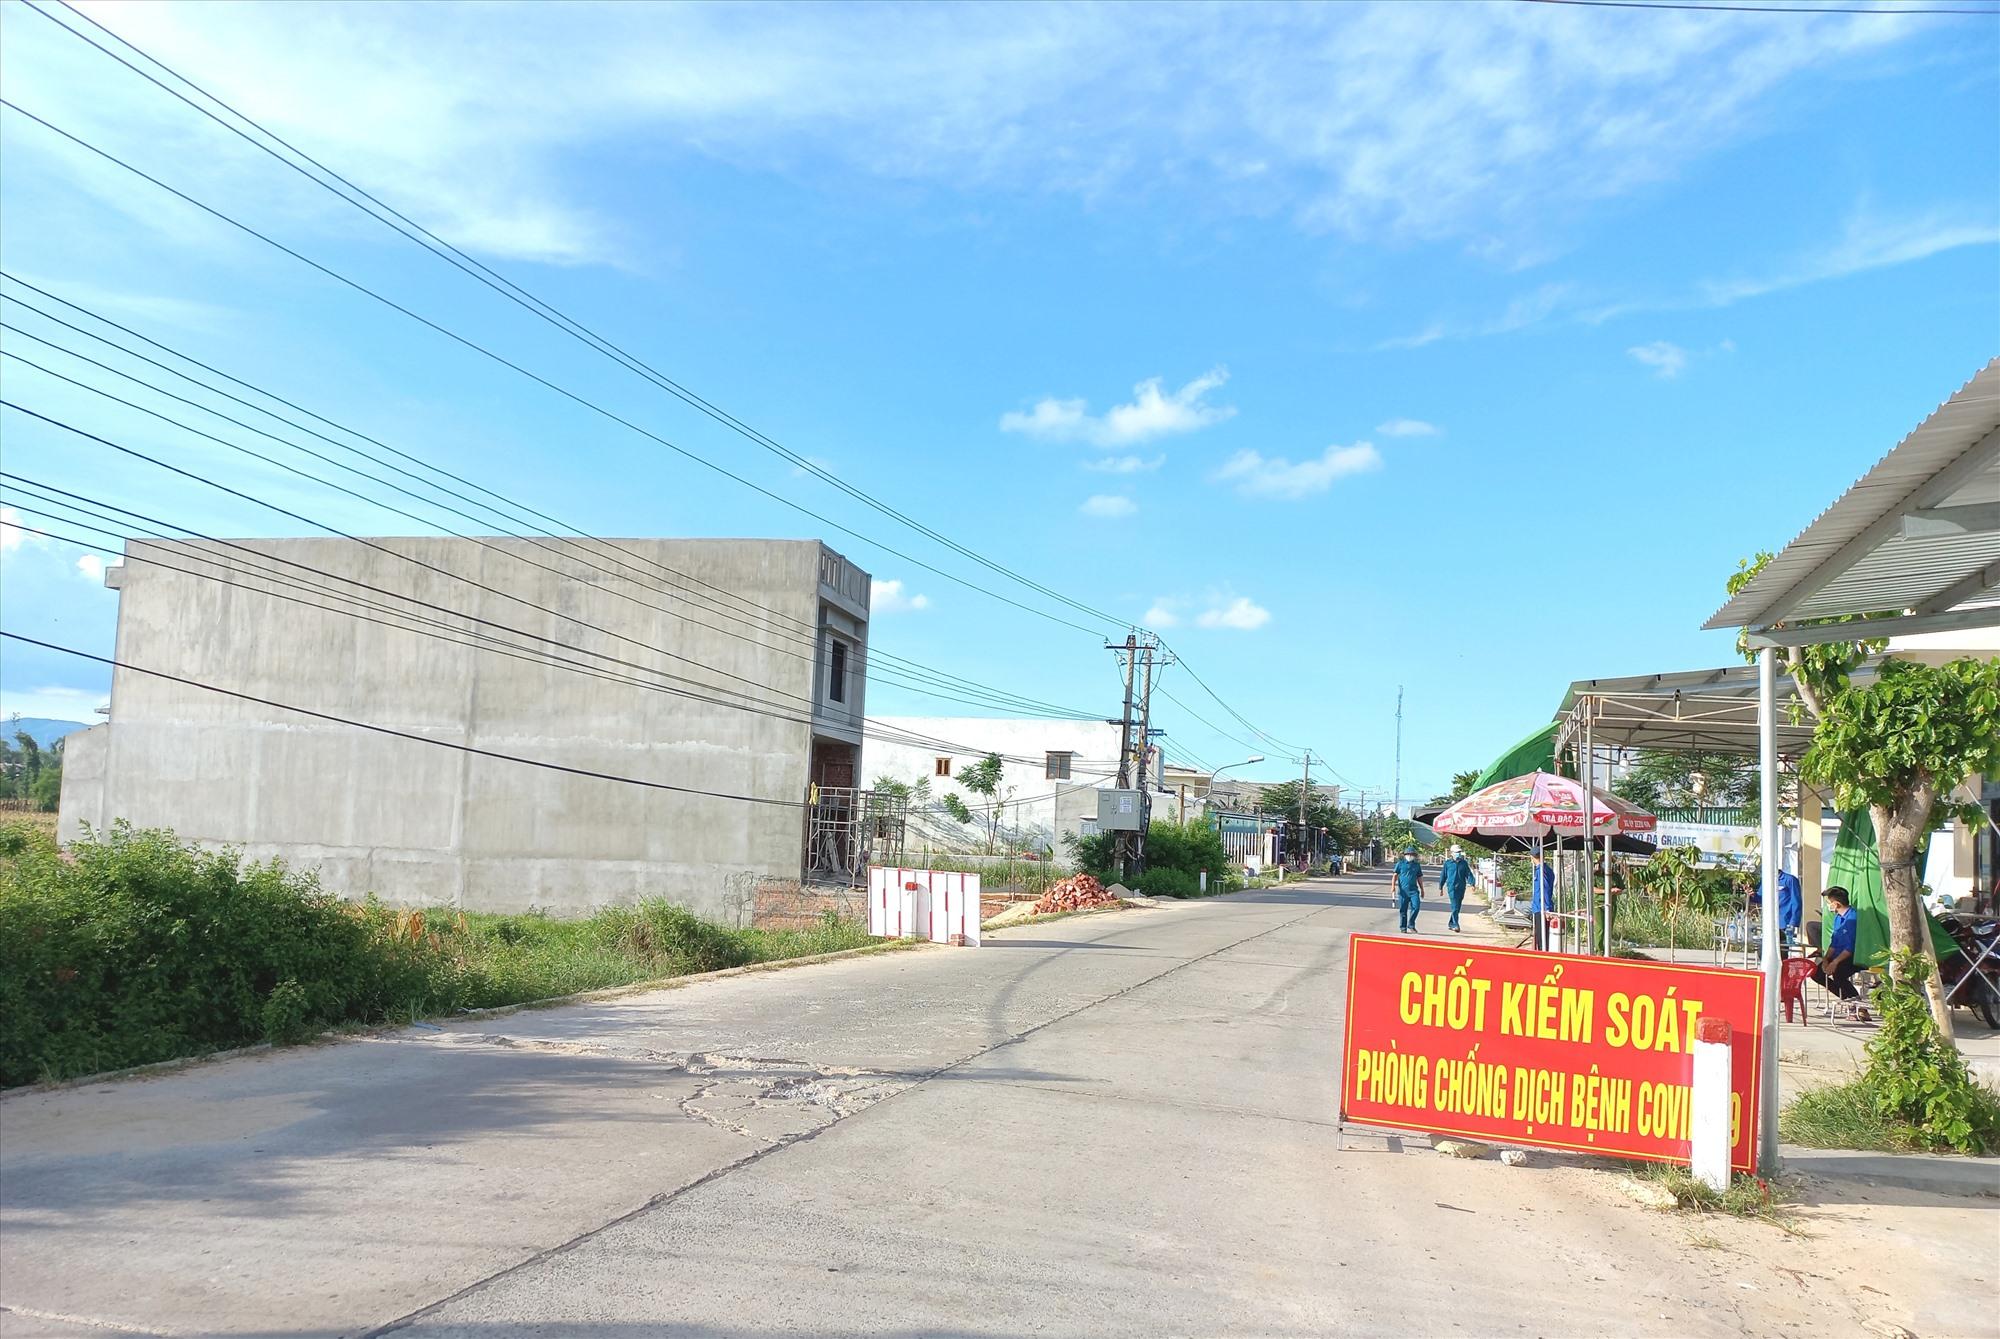 Chốt kiểm soát trên đường ĐT609C đã được tháo dỡ sau khi xã Đại An hết giãn cách xã hội theo Chỉ thị 16. Ảnh: CT